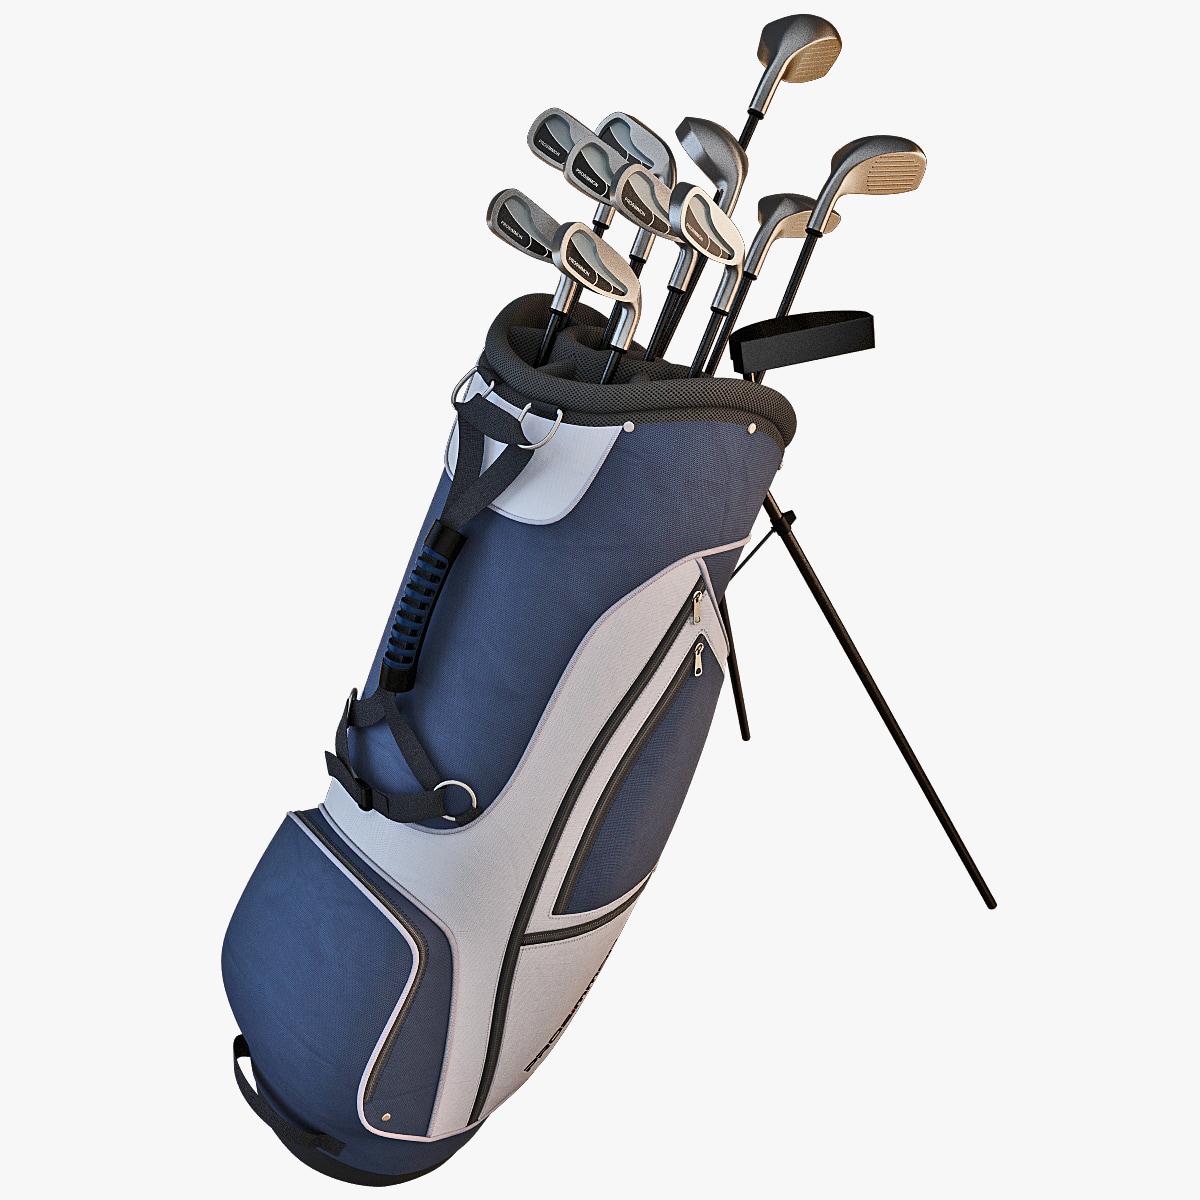 Golf_Bag_2_000.jpg